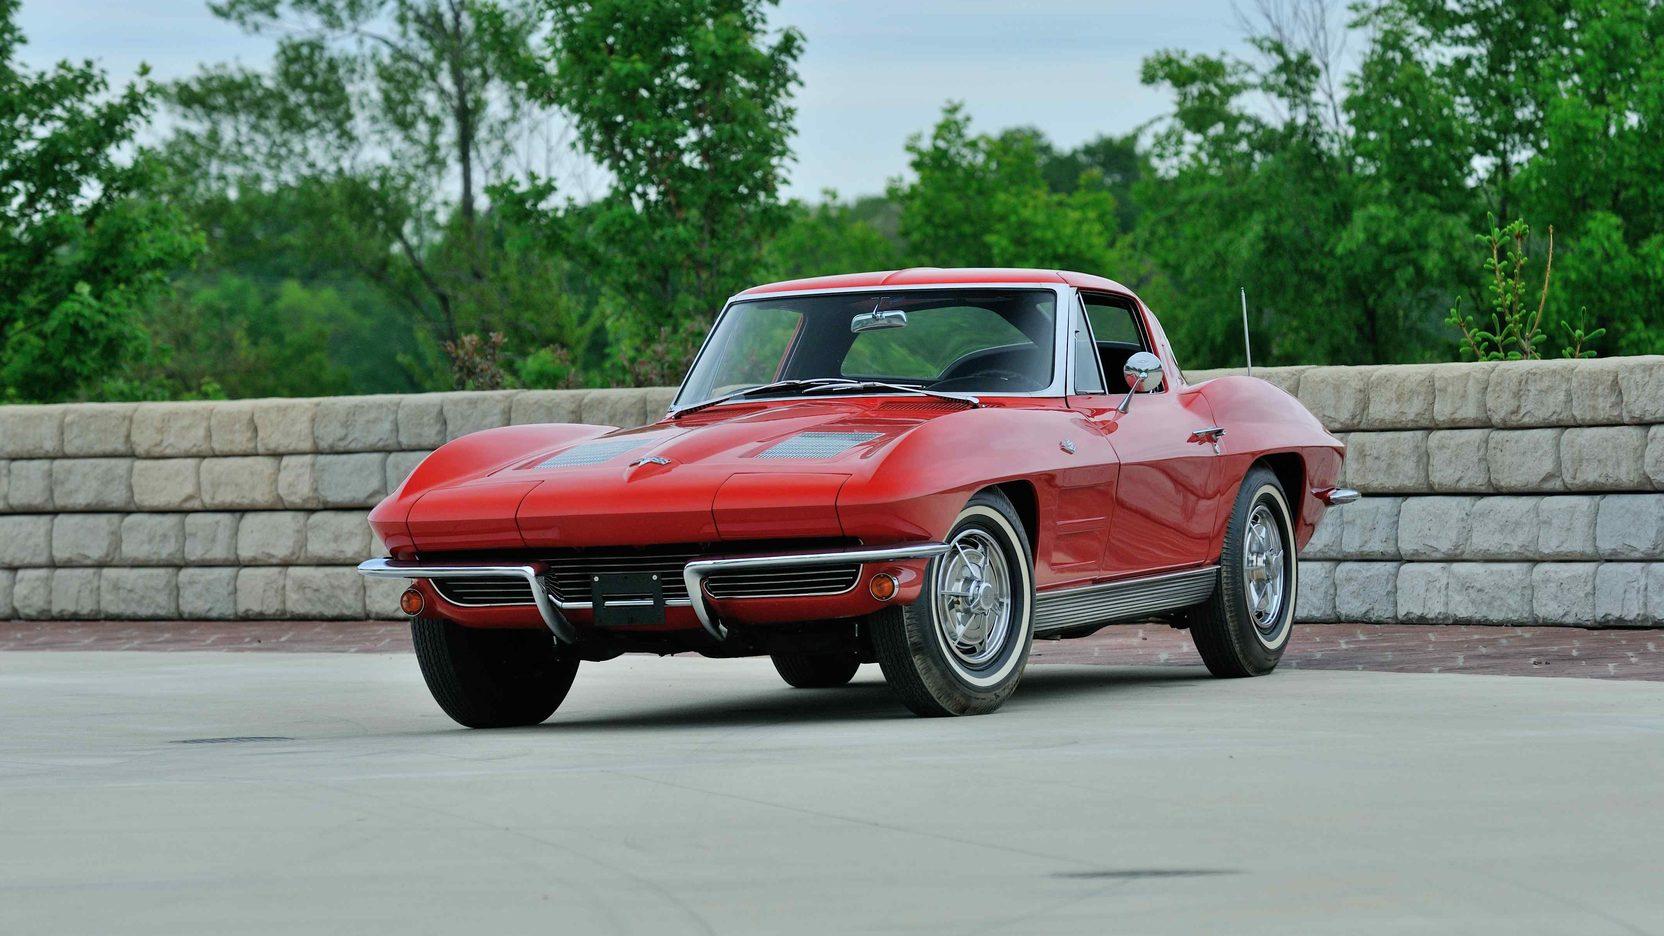 1963 Chevrolet Corvette front 3/4